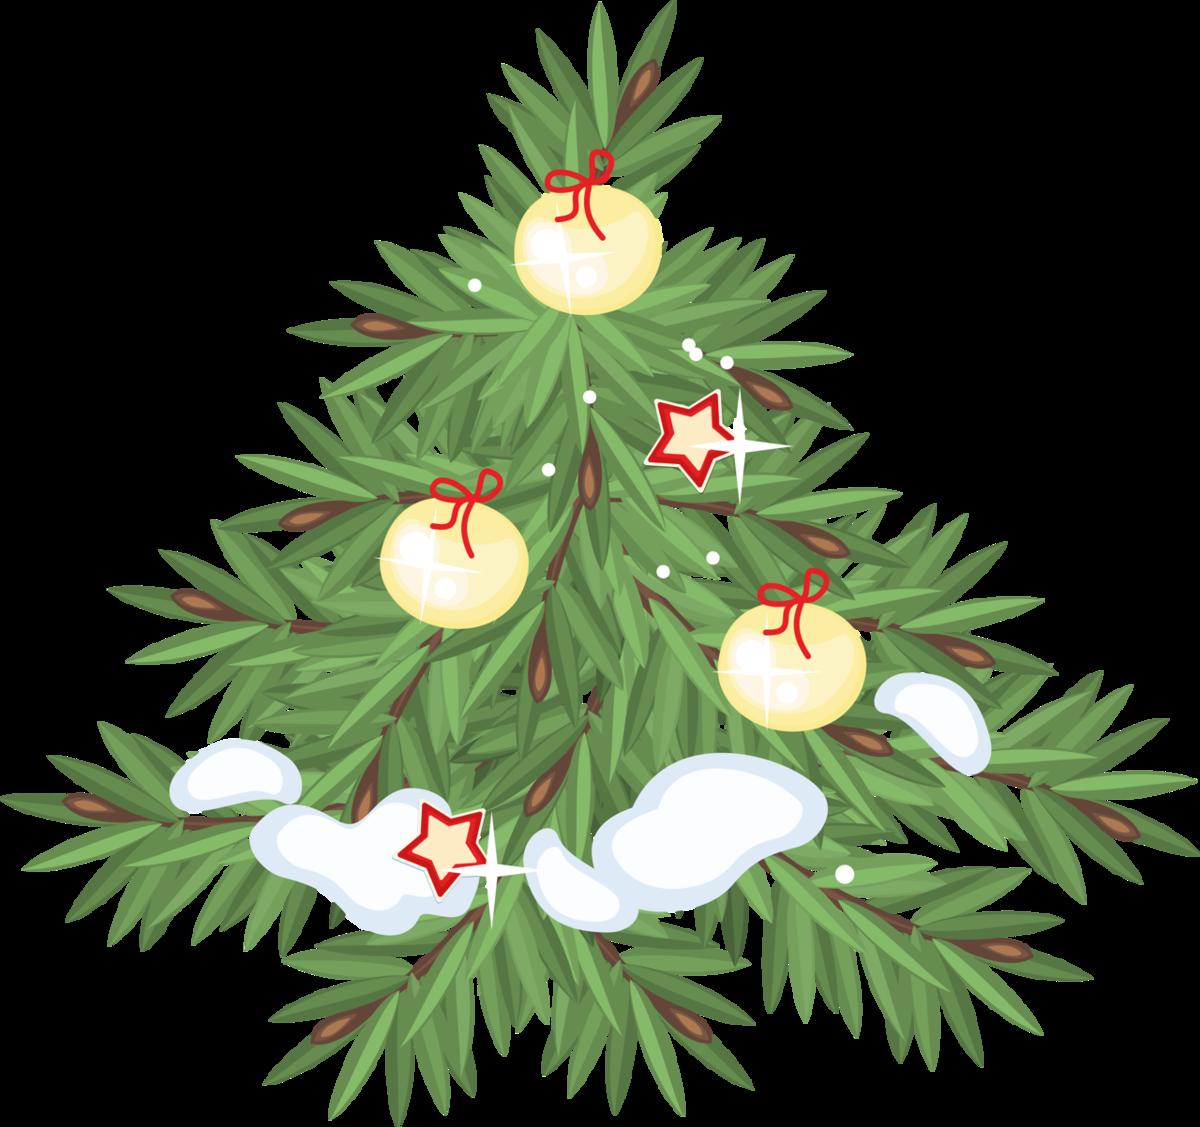 Рисунок новогодний елки картинки